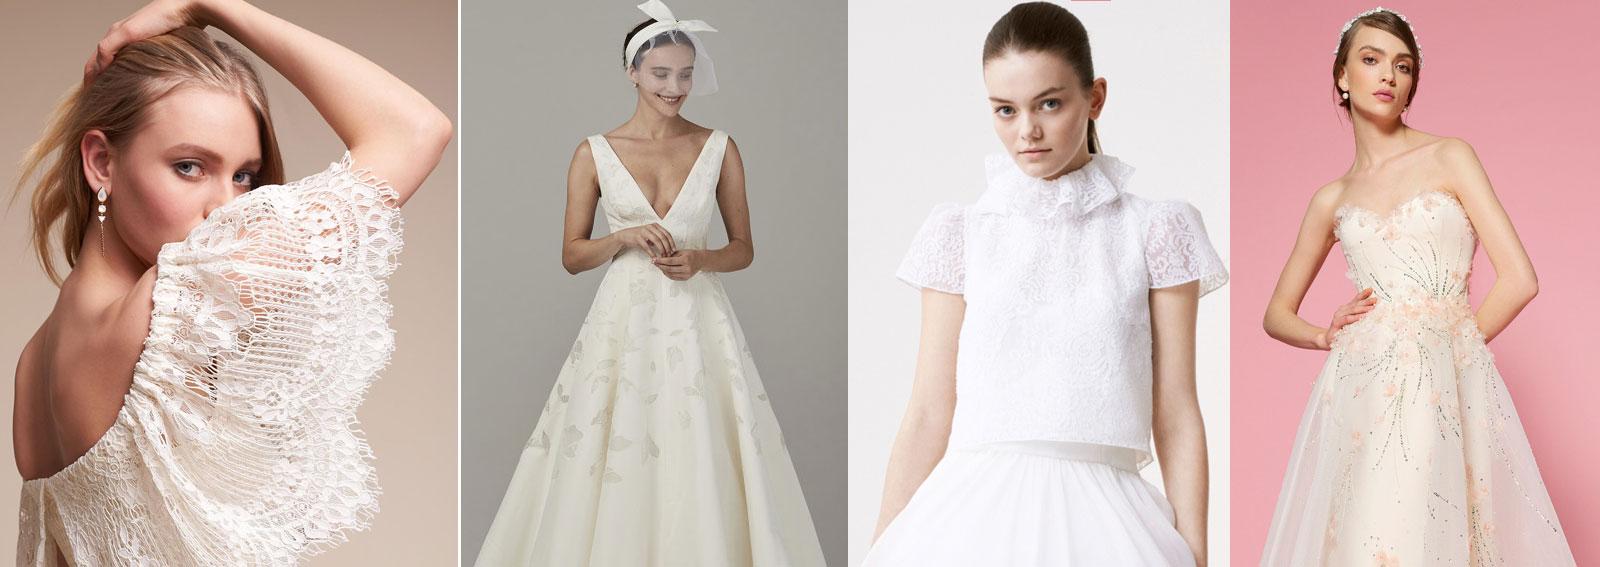 COVER-abiti-da-sposa-trend-2018-DESKTOP